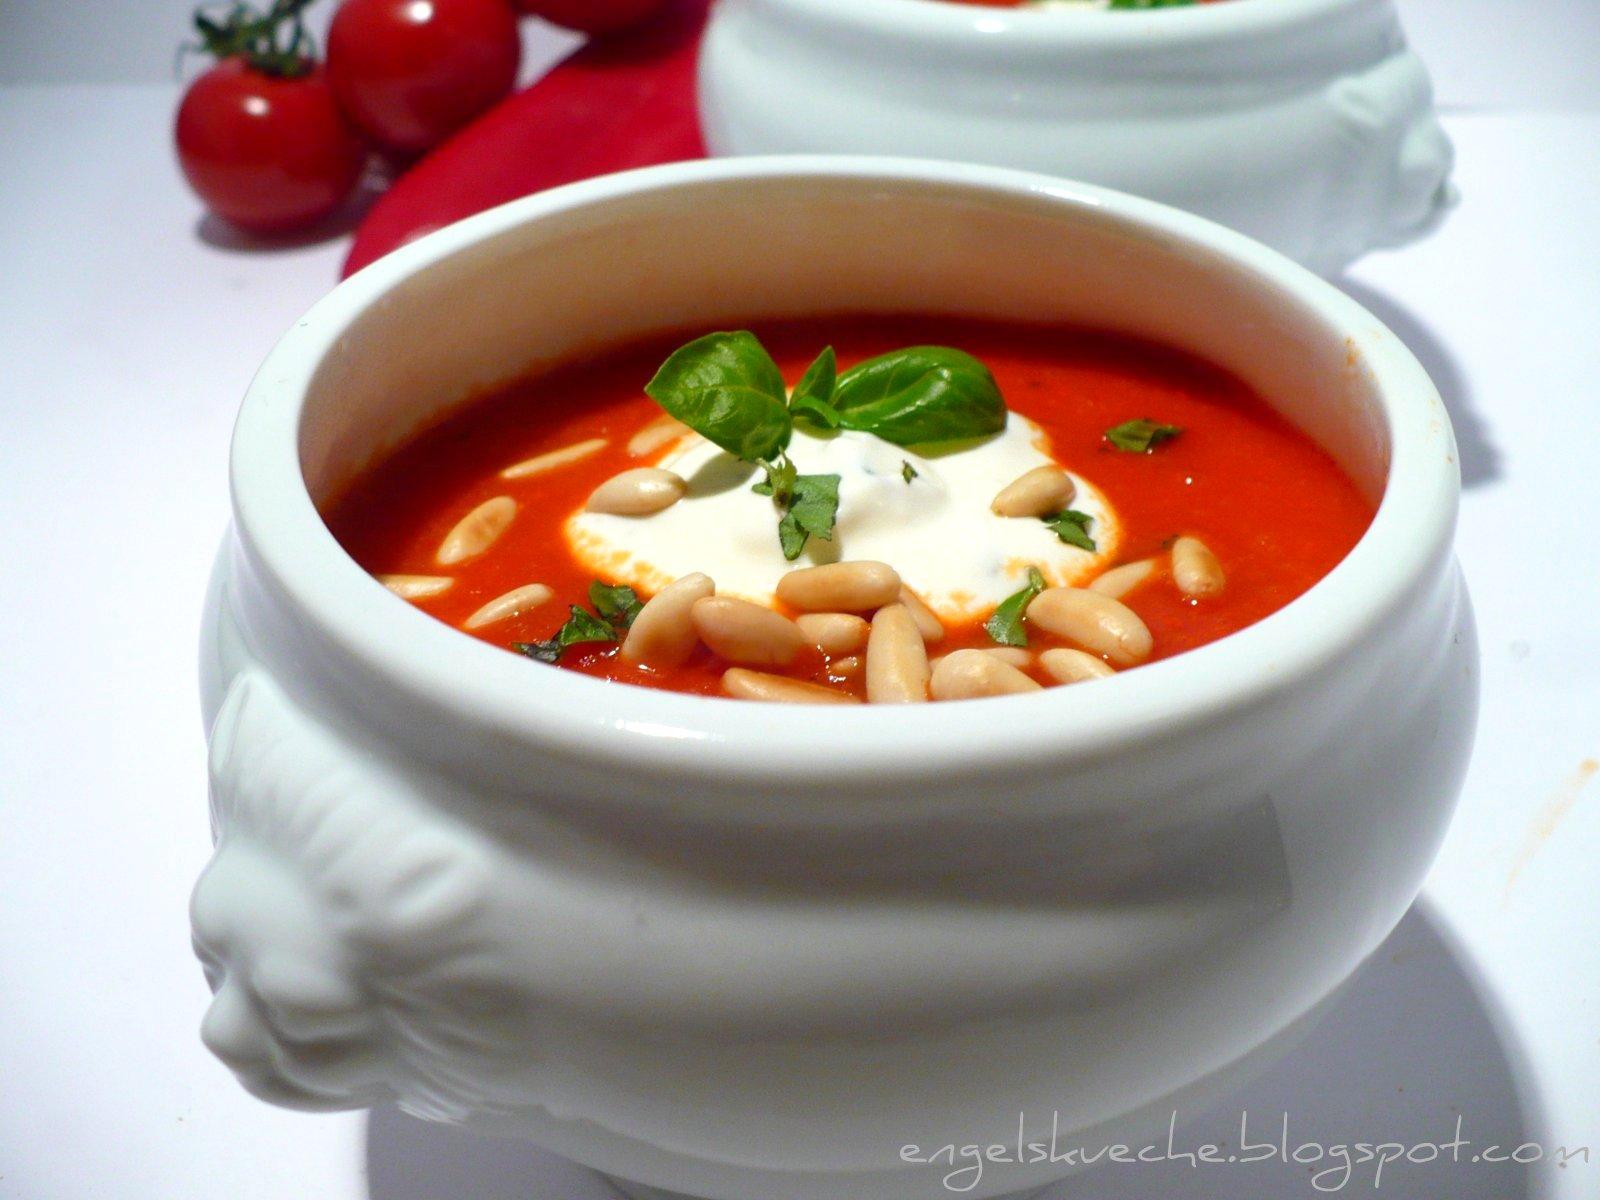 schnelle tomatensuppe mit passierten tomaten rezepte suchen. Black Bedroom Furniture Sets. Home Design Ideas